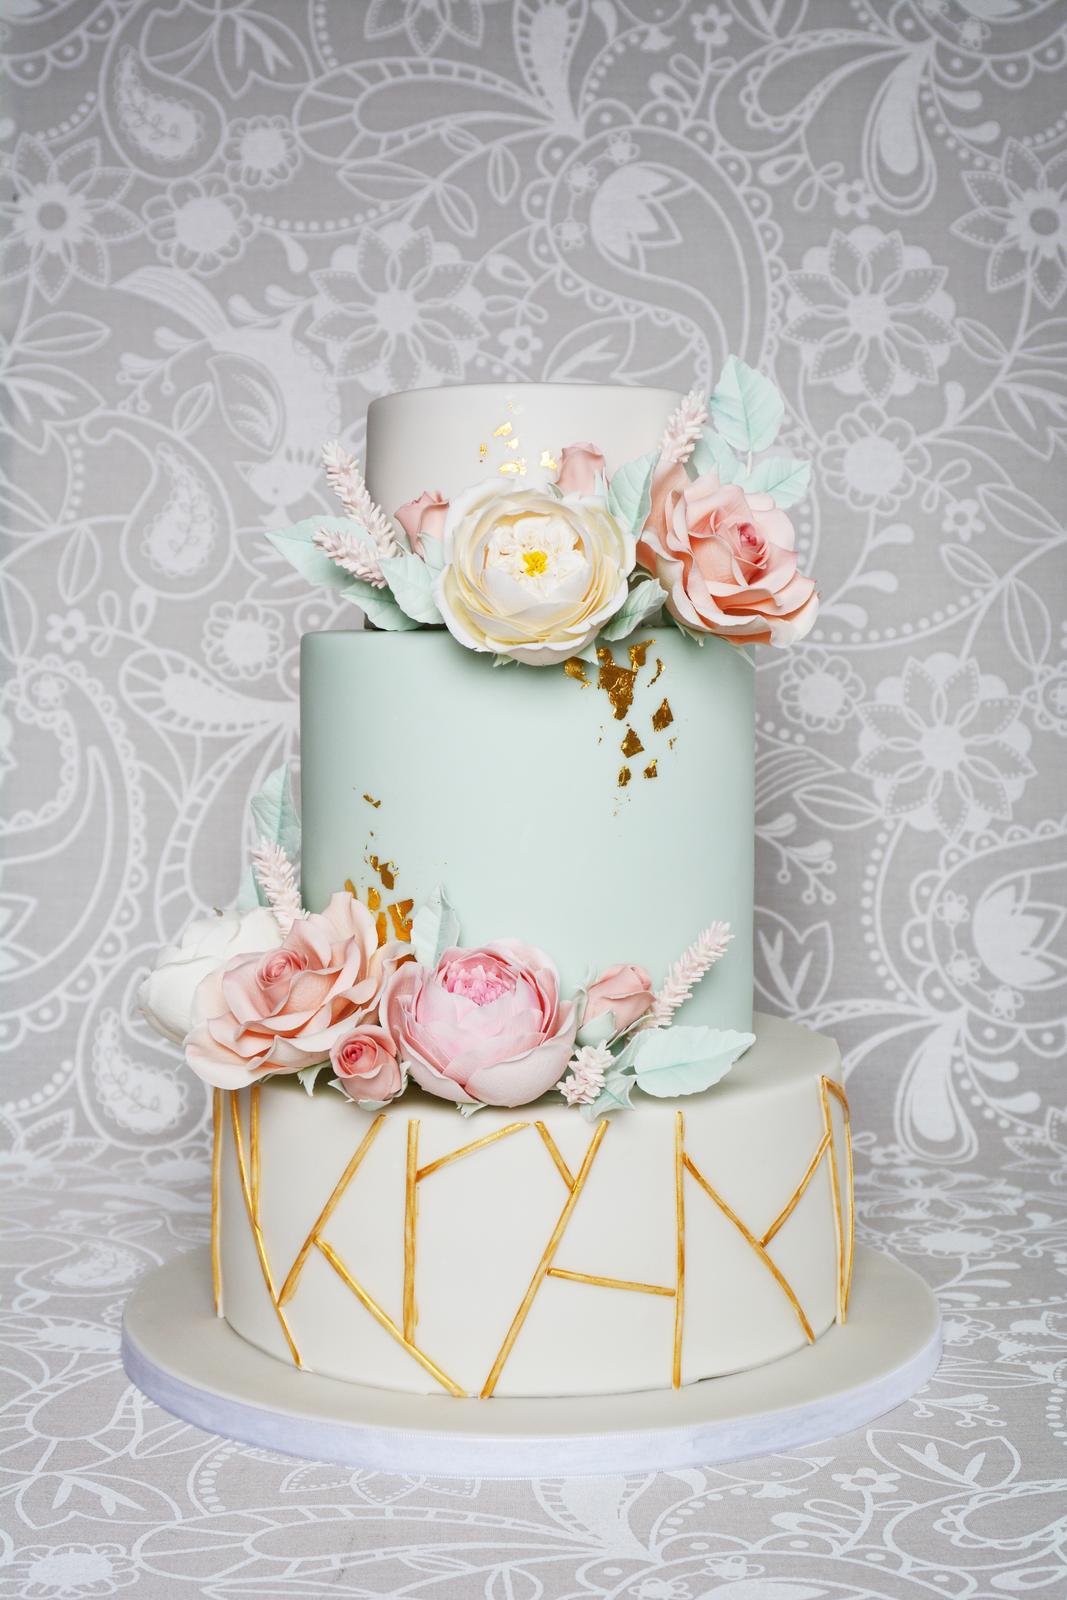 Svatební dort 4.5.2019. - Obrázek č. 1